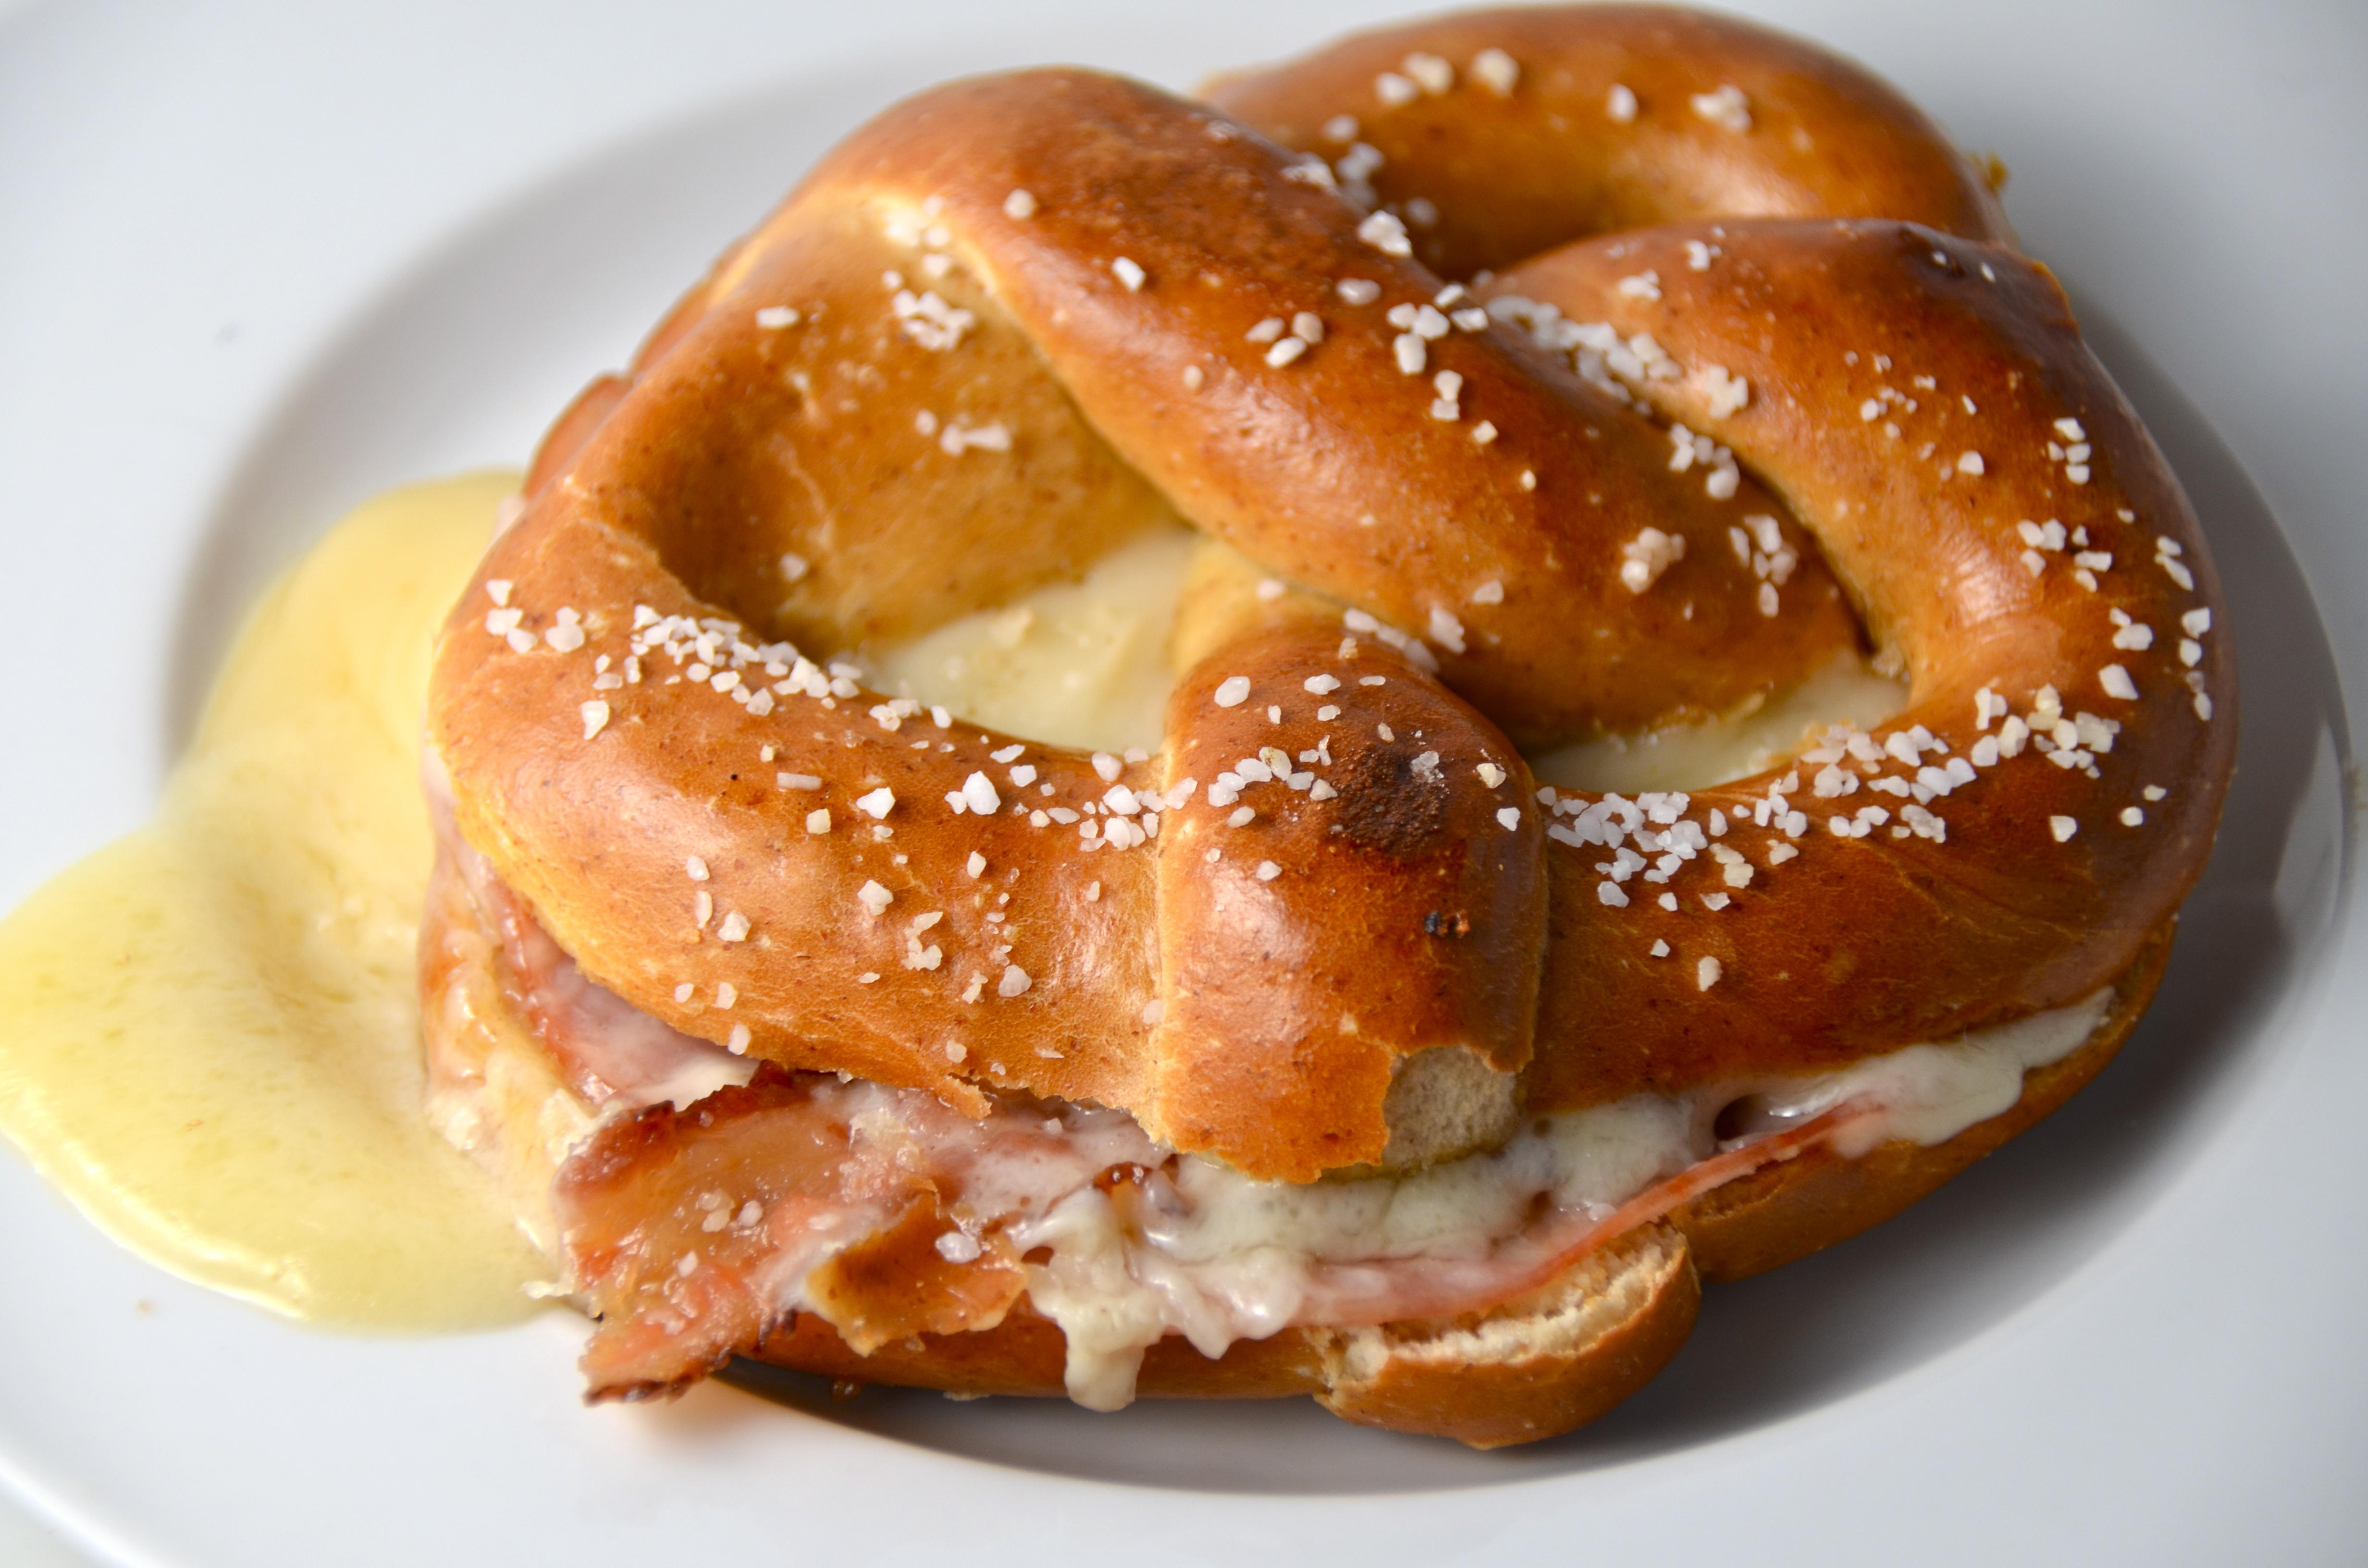 Dsc Mustard Spread For Ham Sandwich